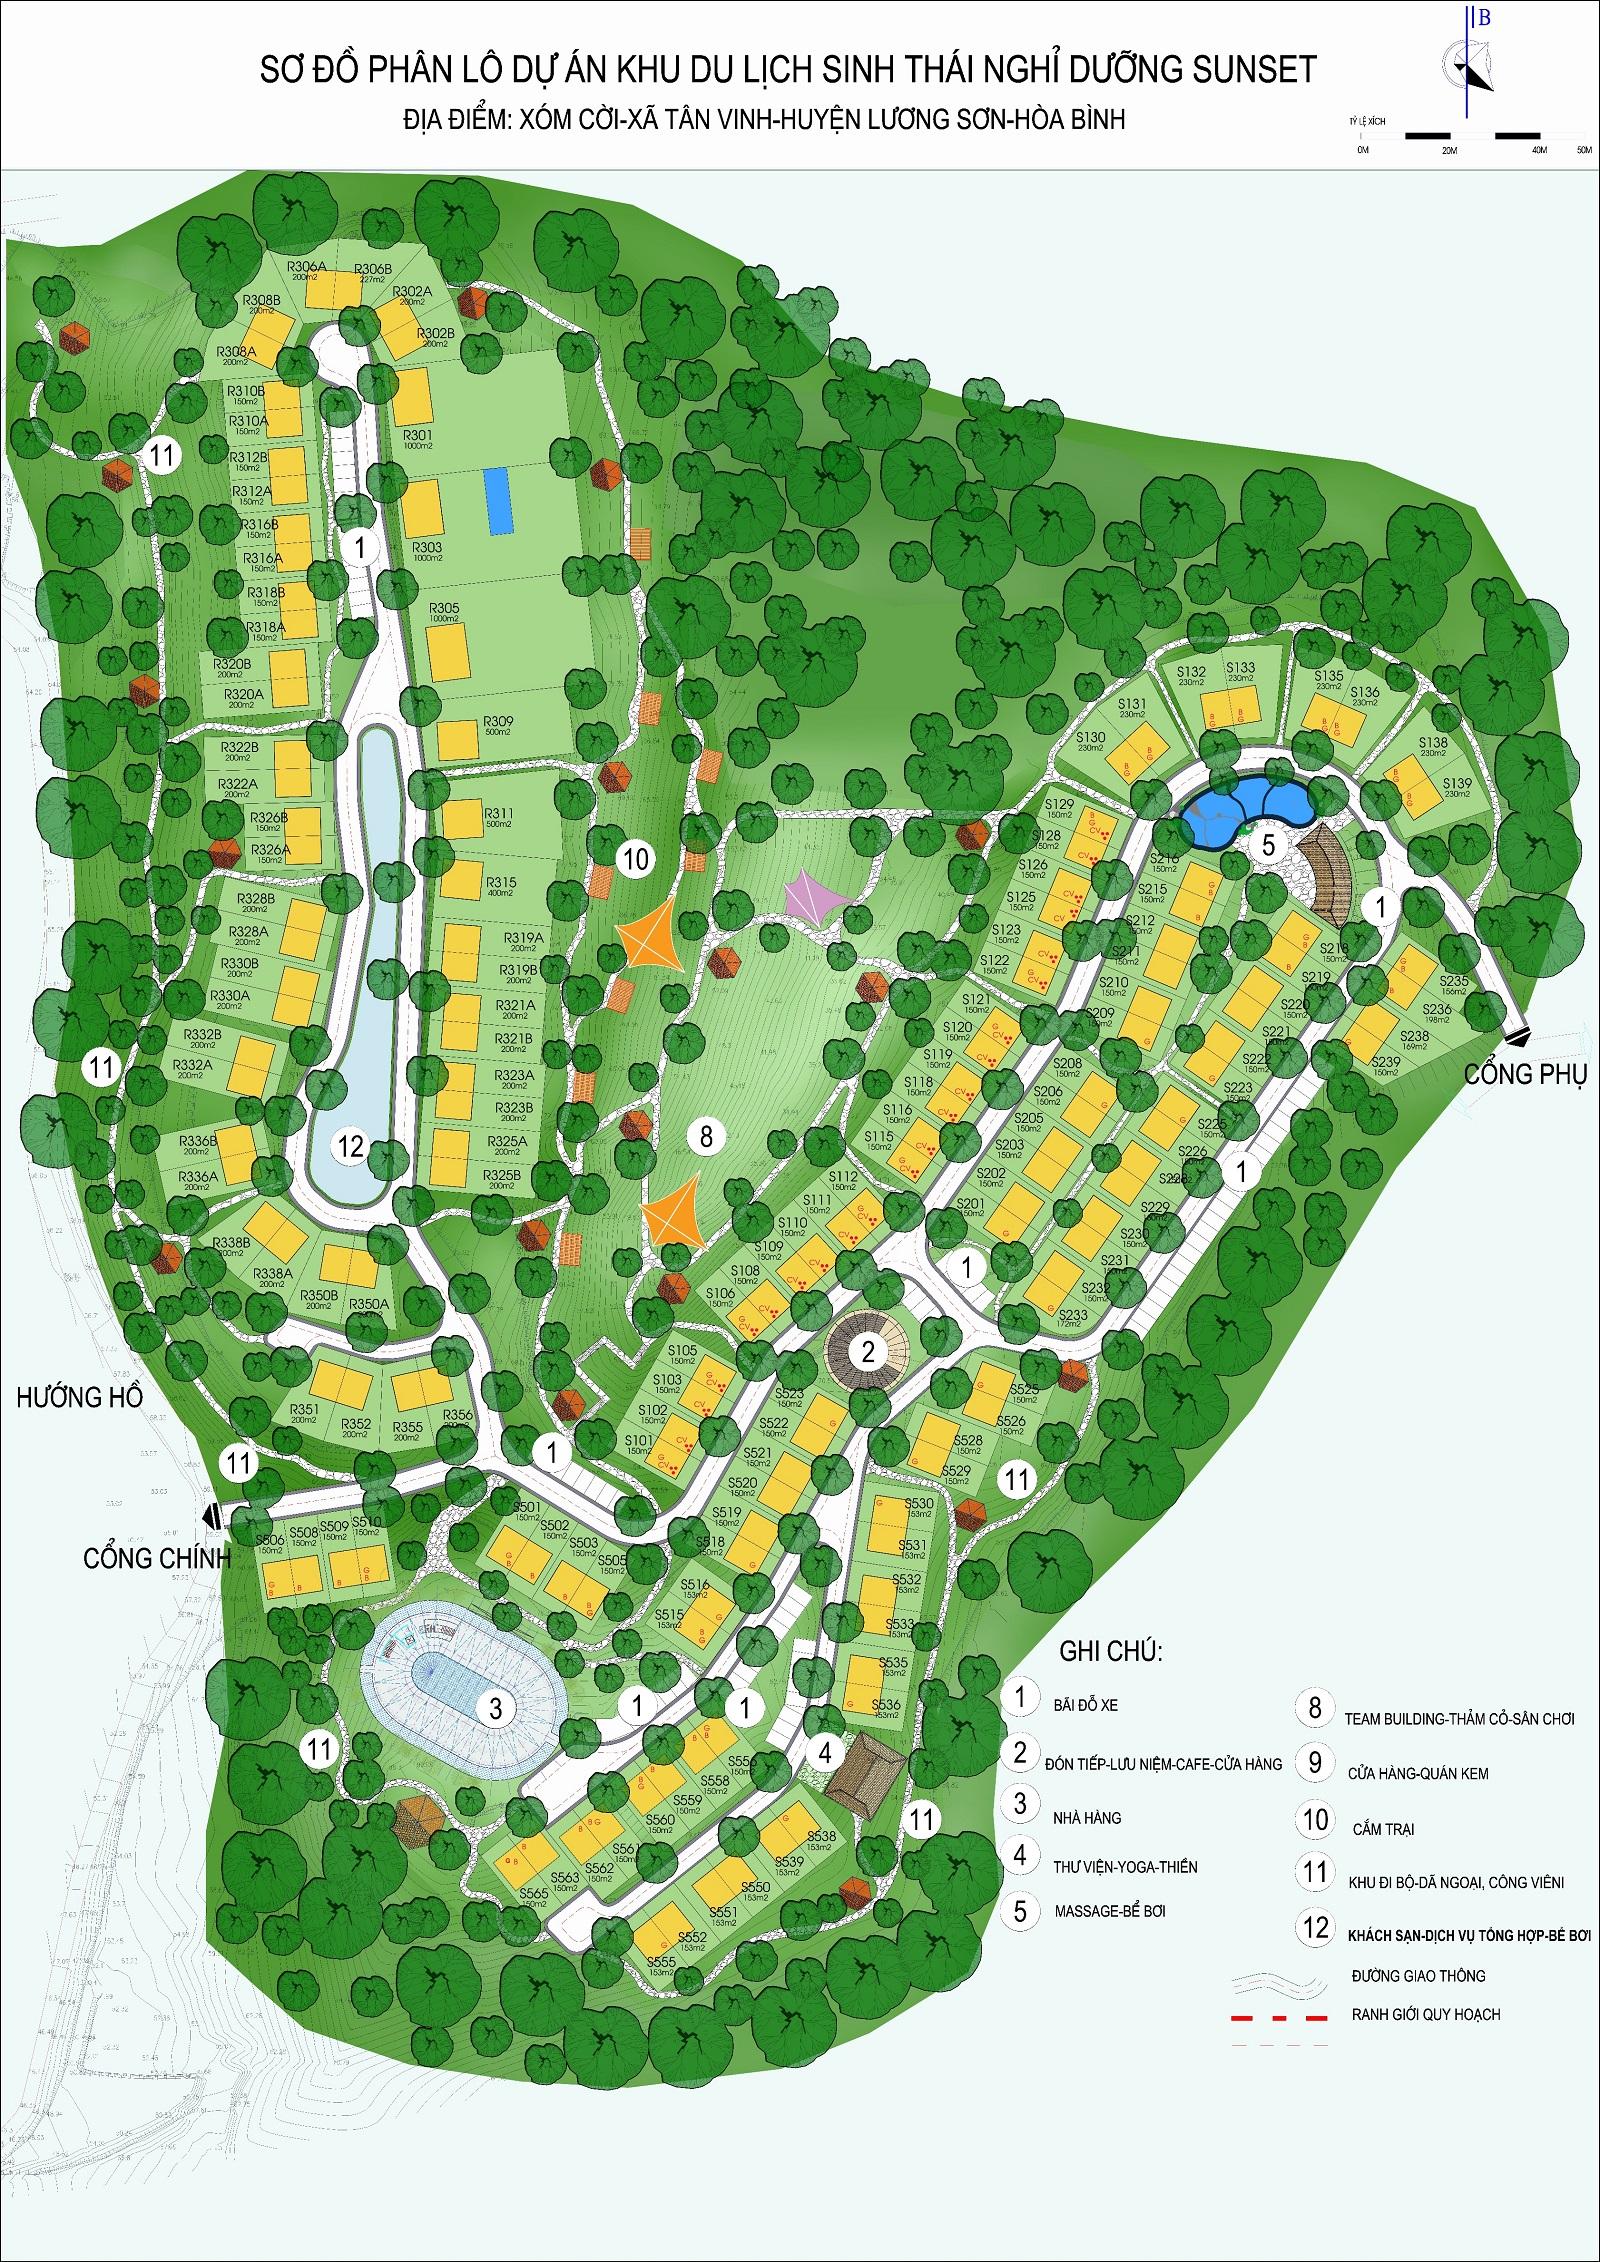 Mặt bằng tổng thể dự án khu du lịch sinh thái nghỉ dưỡng Panorama Hill